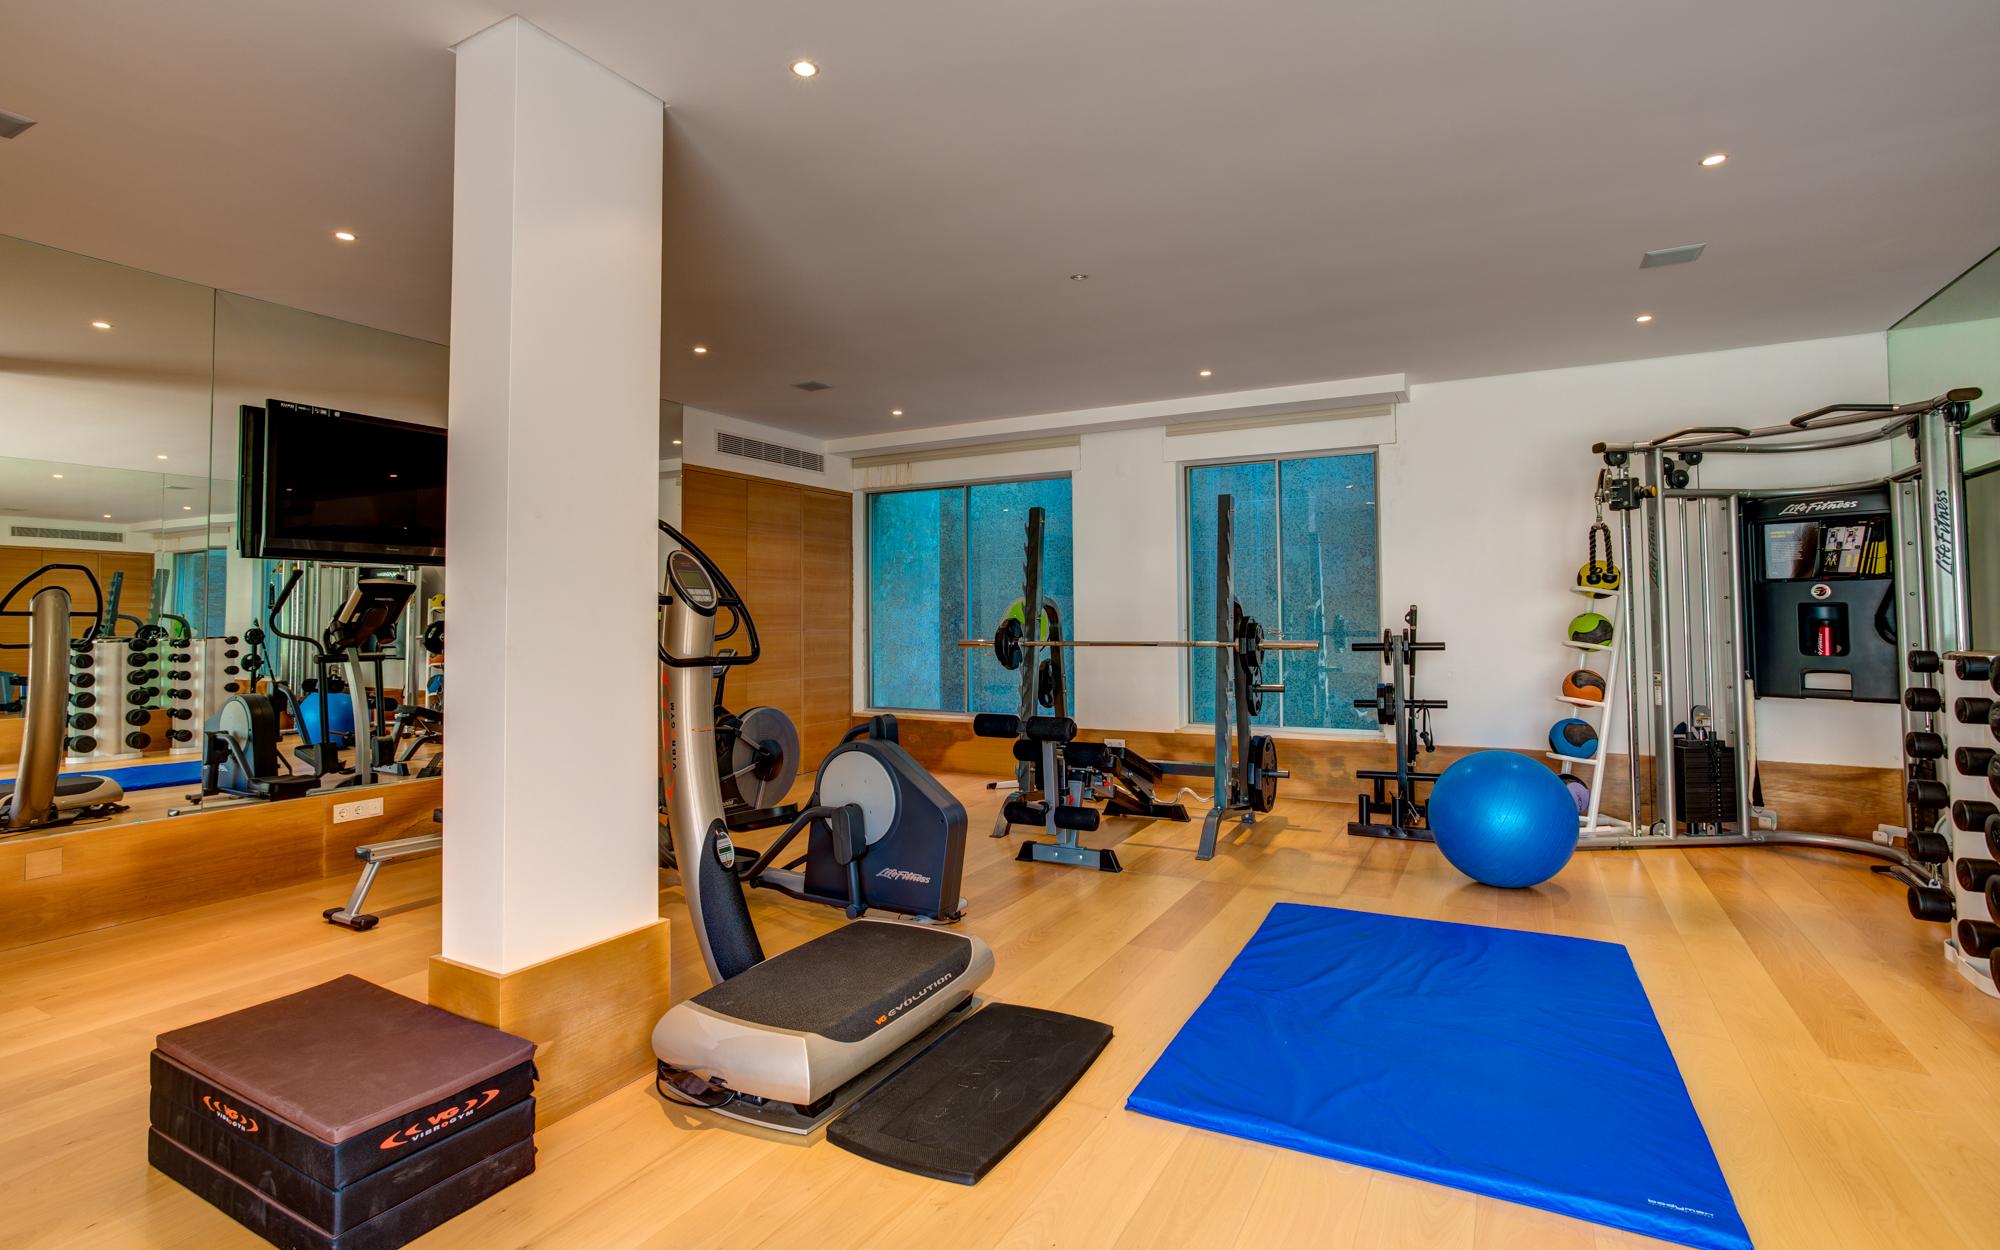 Villa Moon Sone, 5 bedroom prestige villa in Quinta do Lago, Algarve,gymnsaium.jpg